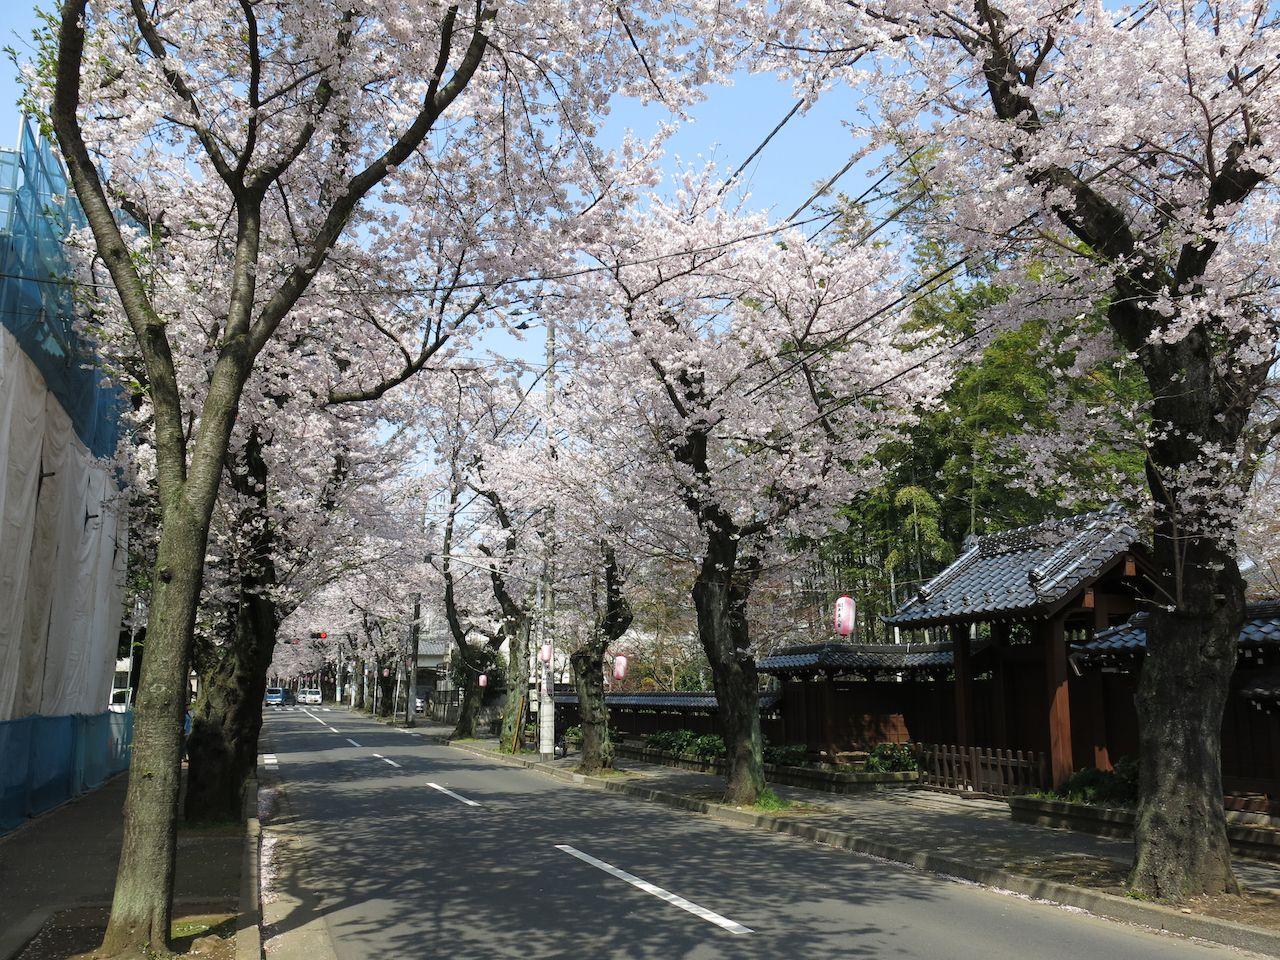 Tokiwadaira Cherry Blossom Walk